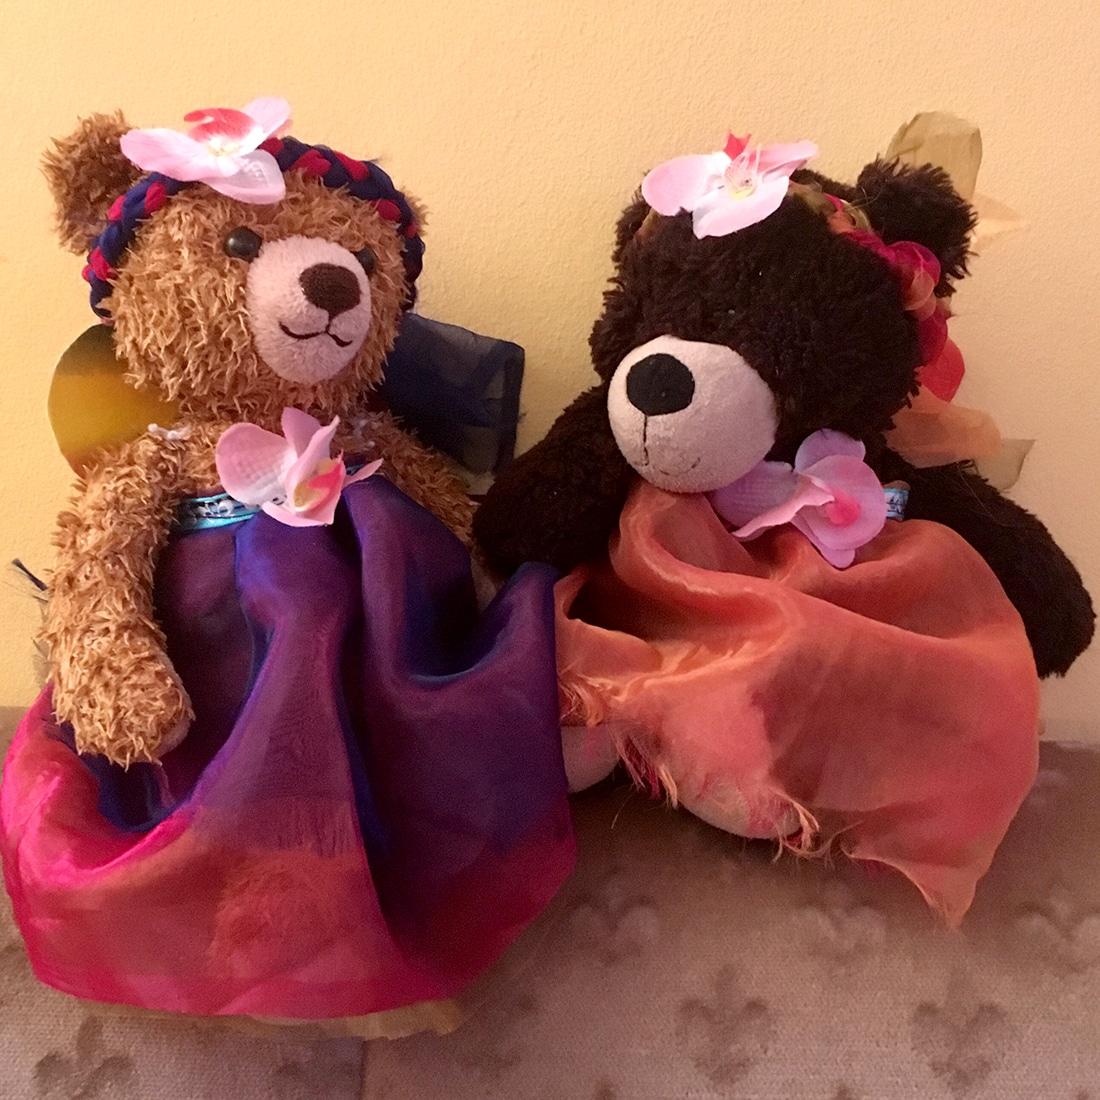 Als Fee verkleidete Teddybären von vorne